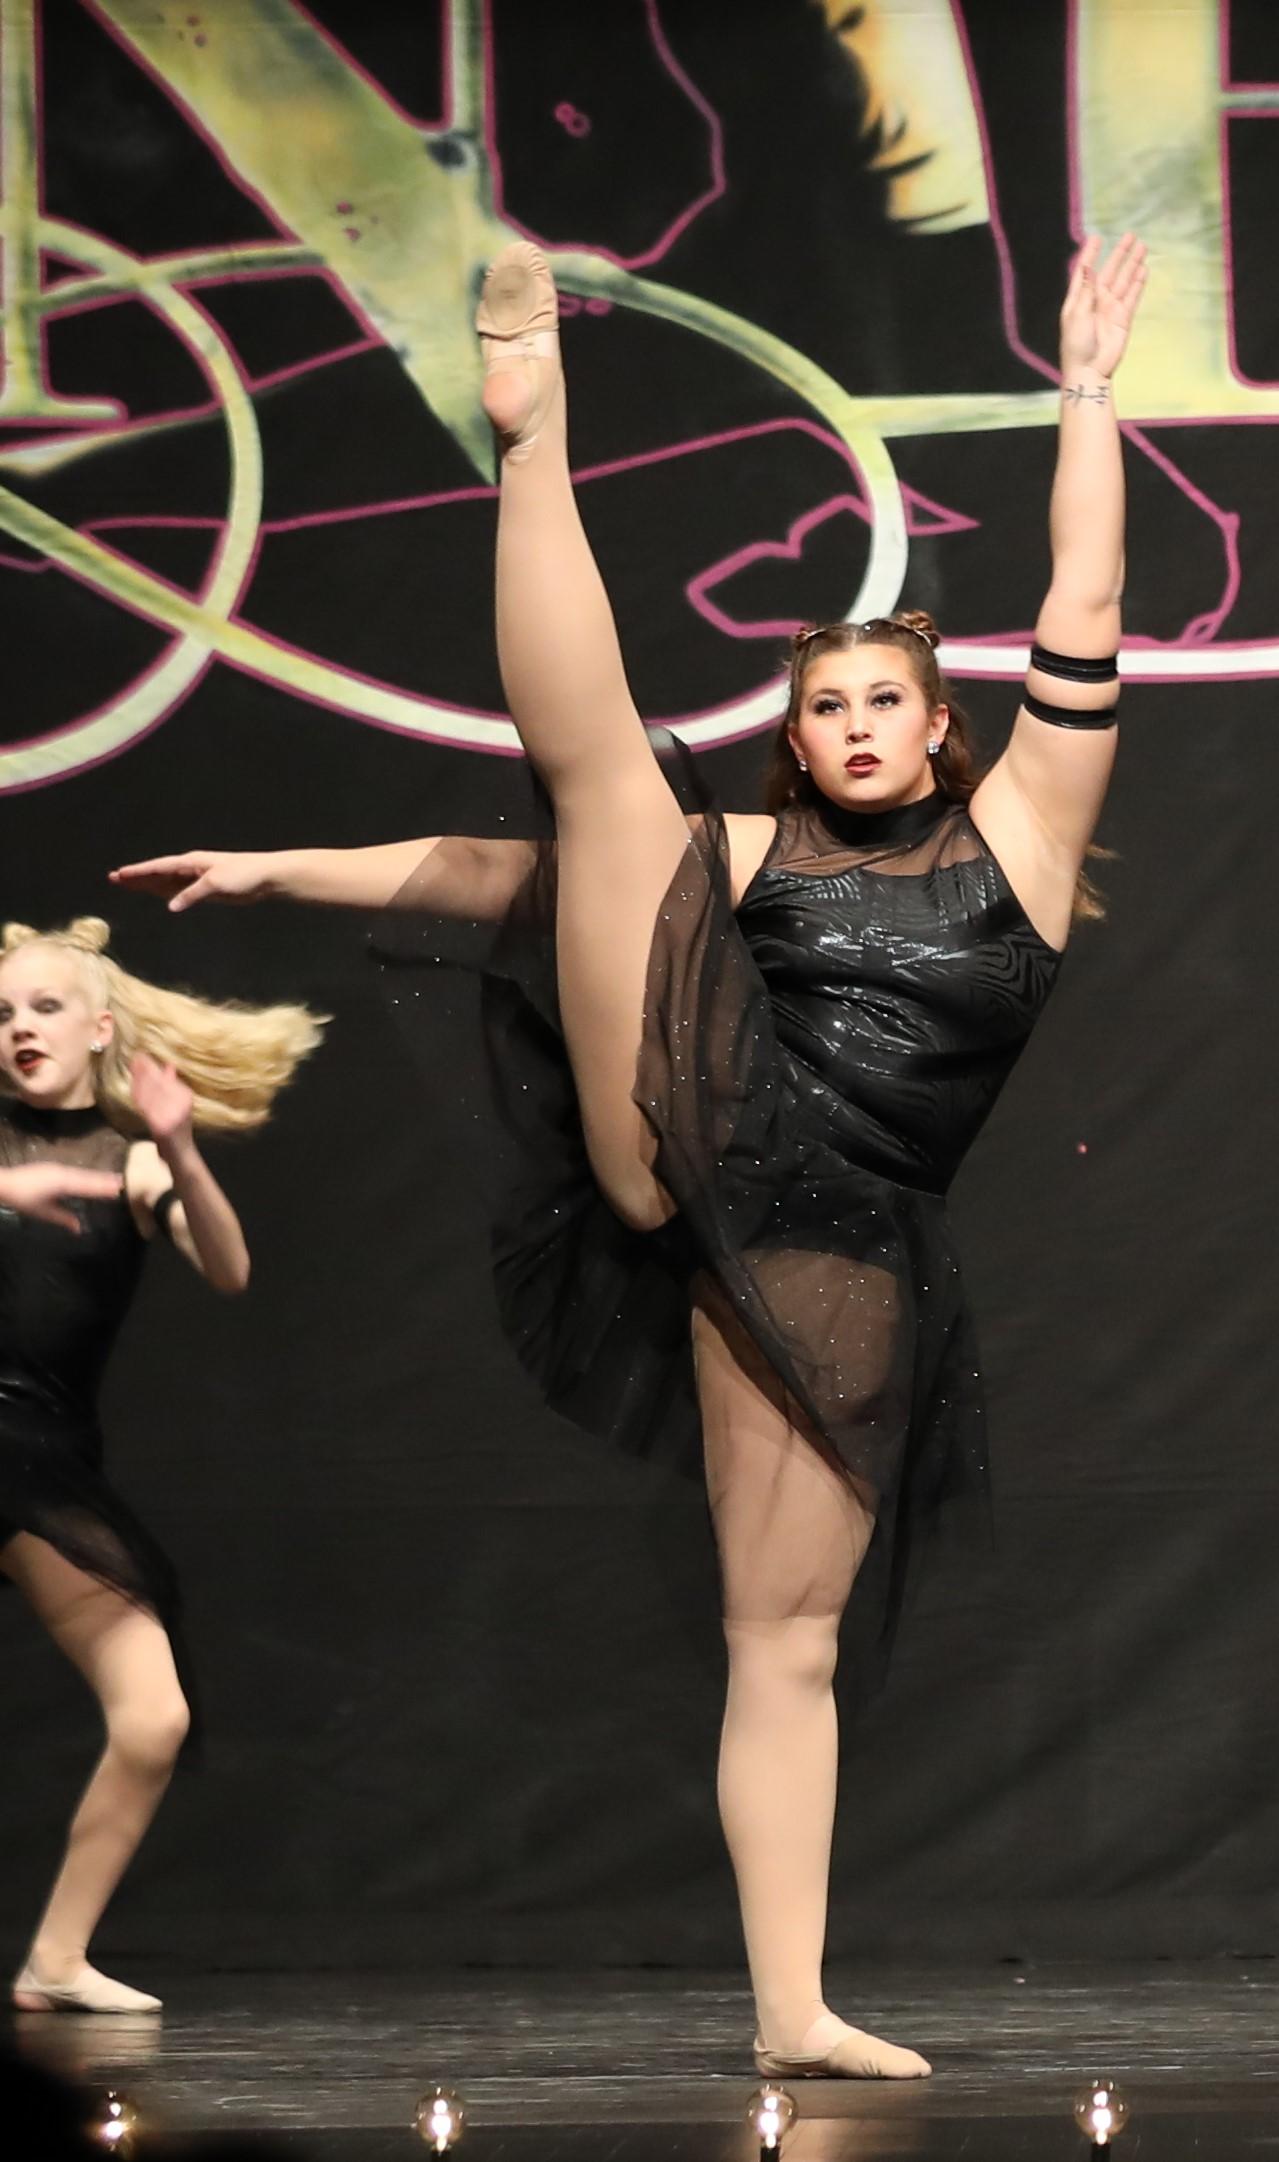 dancepic (2)